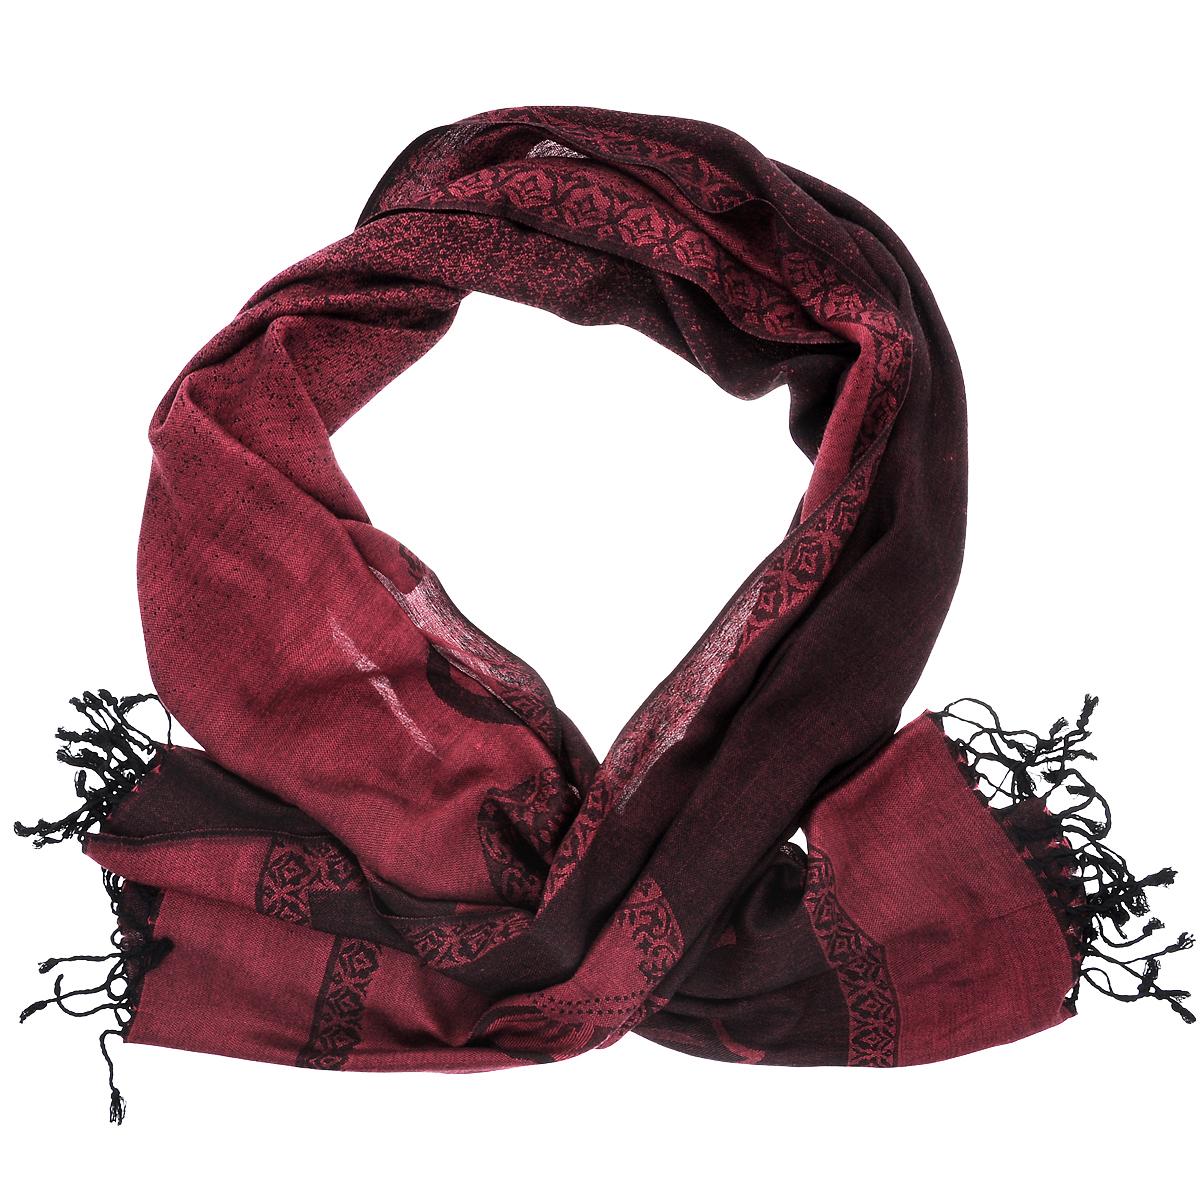 Купить Палантин Ethnica, цвет: бордовый, черный. 083150н. Размер 70 см х 180 см